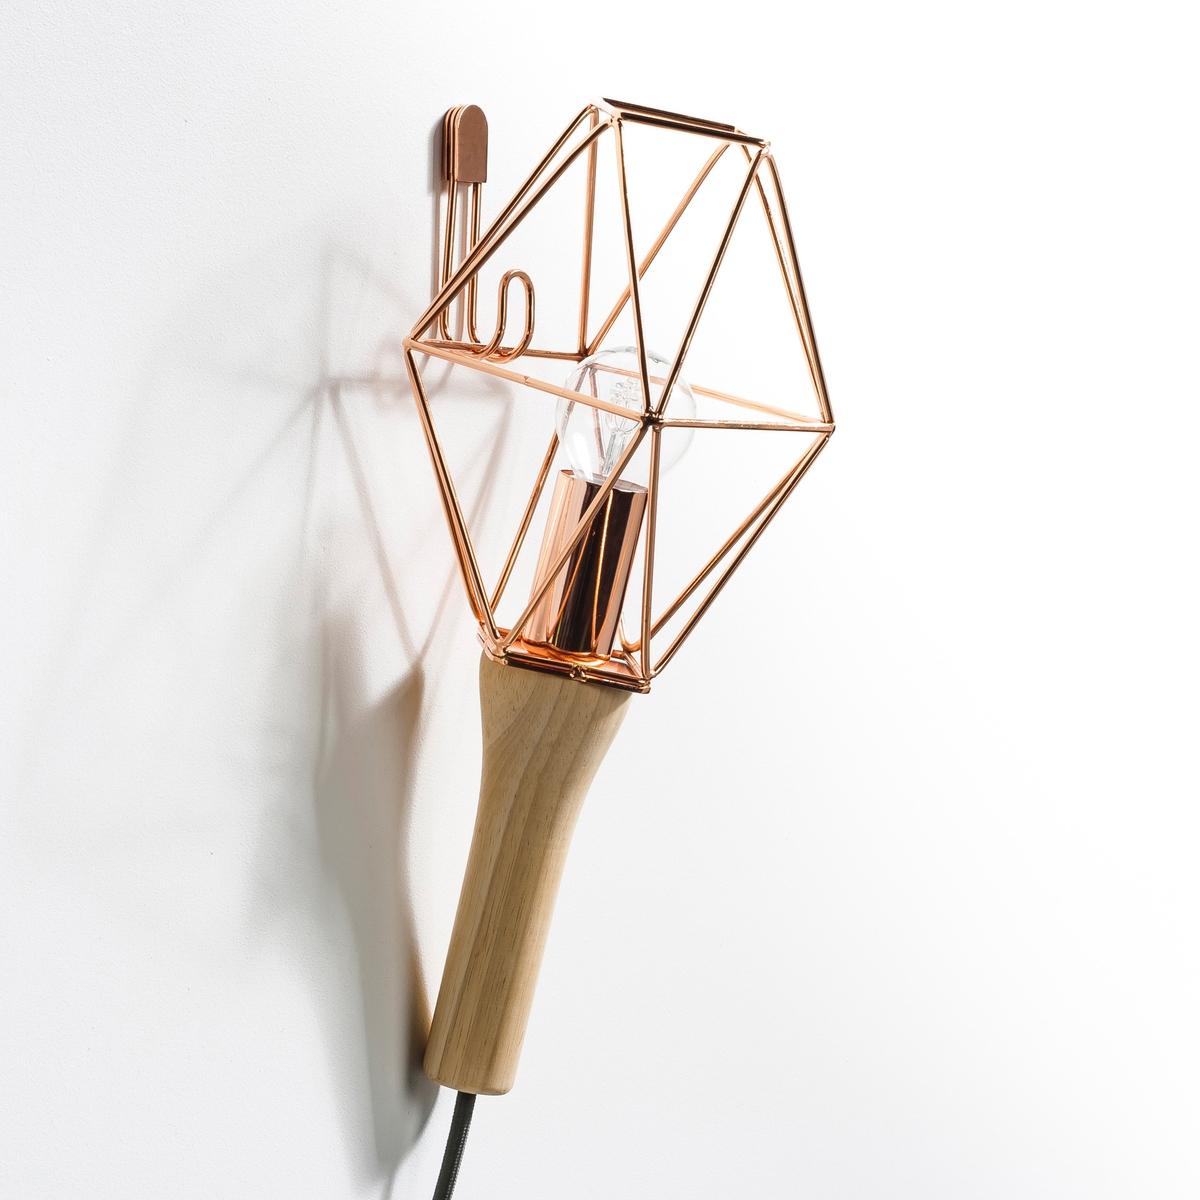 Лампа переносная, NomadeХарактеристики : - Ручка из дуба. - Проволочный каркас из металла, покрытого черной эпоксидной краской, медное, латунное или хромированное покрытие- Кабель с оболочкой из текстиля черного цвета.- Патрон E14 для лампы 40 Вт (продается отдельно). - Совместима с лампами класса энергопотребления A-B-C-D-E.       Размеры : - Ручка : длина. 13,5 см.- Абажур из металлической проволоки : ширина. 15,2 см x длина. 18 см.- Кабель длиной 2,5 метра.<br><br>Цвет: медный